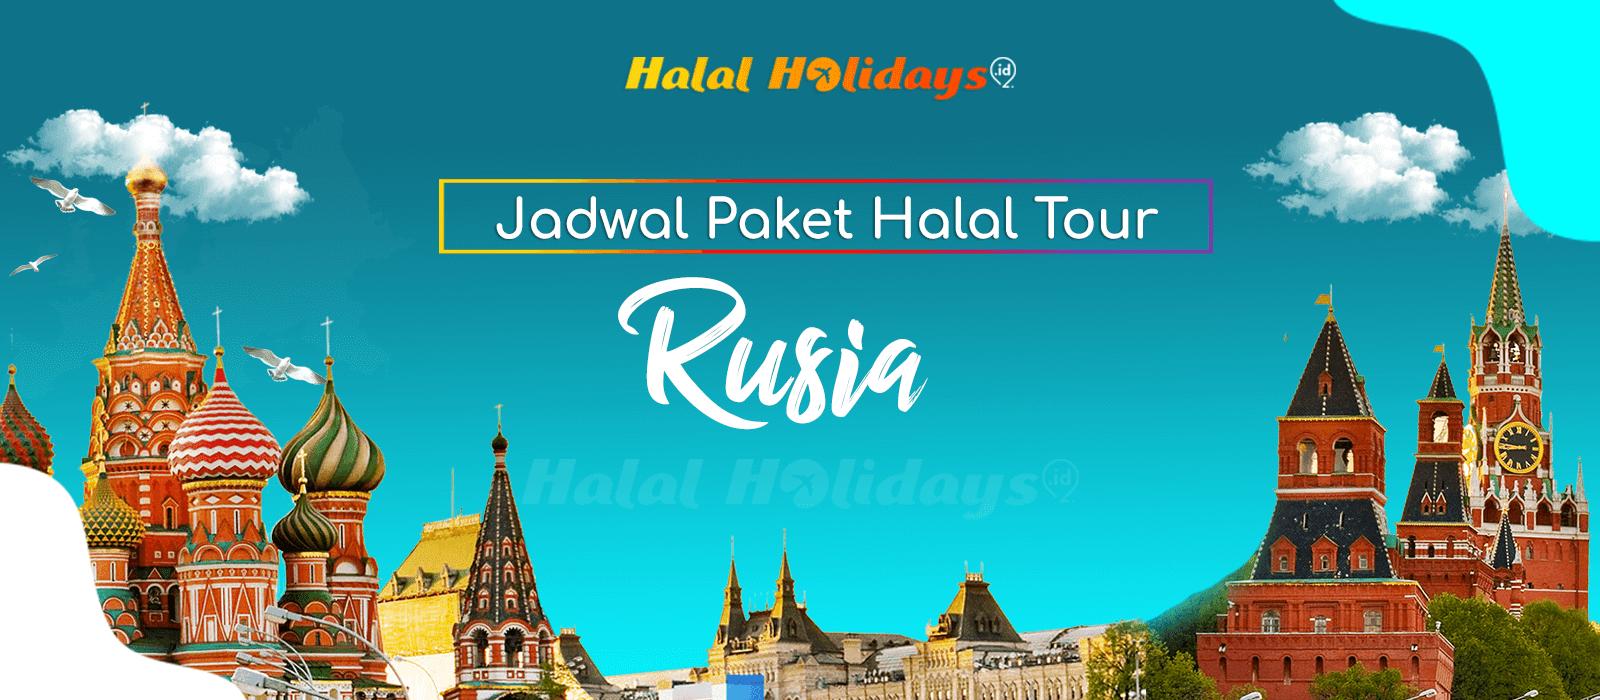 Paket Wisata Halal Tour Rusia Uzbekistan Murah Tahun 2022 2023